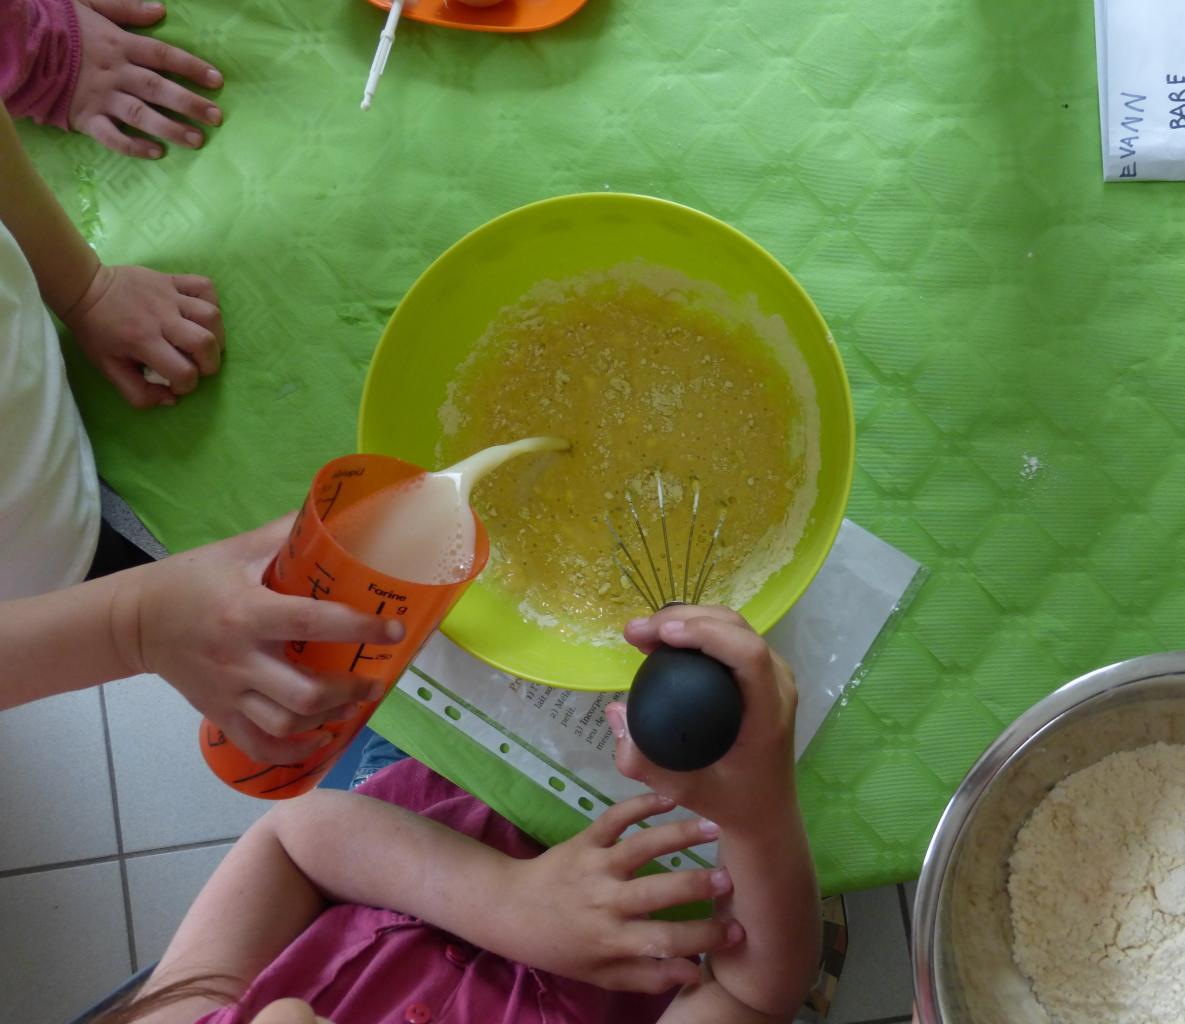 Confection de pâte à crêpes